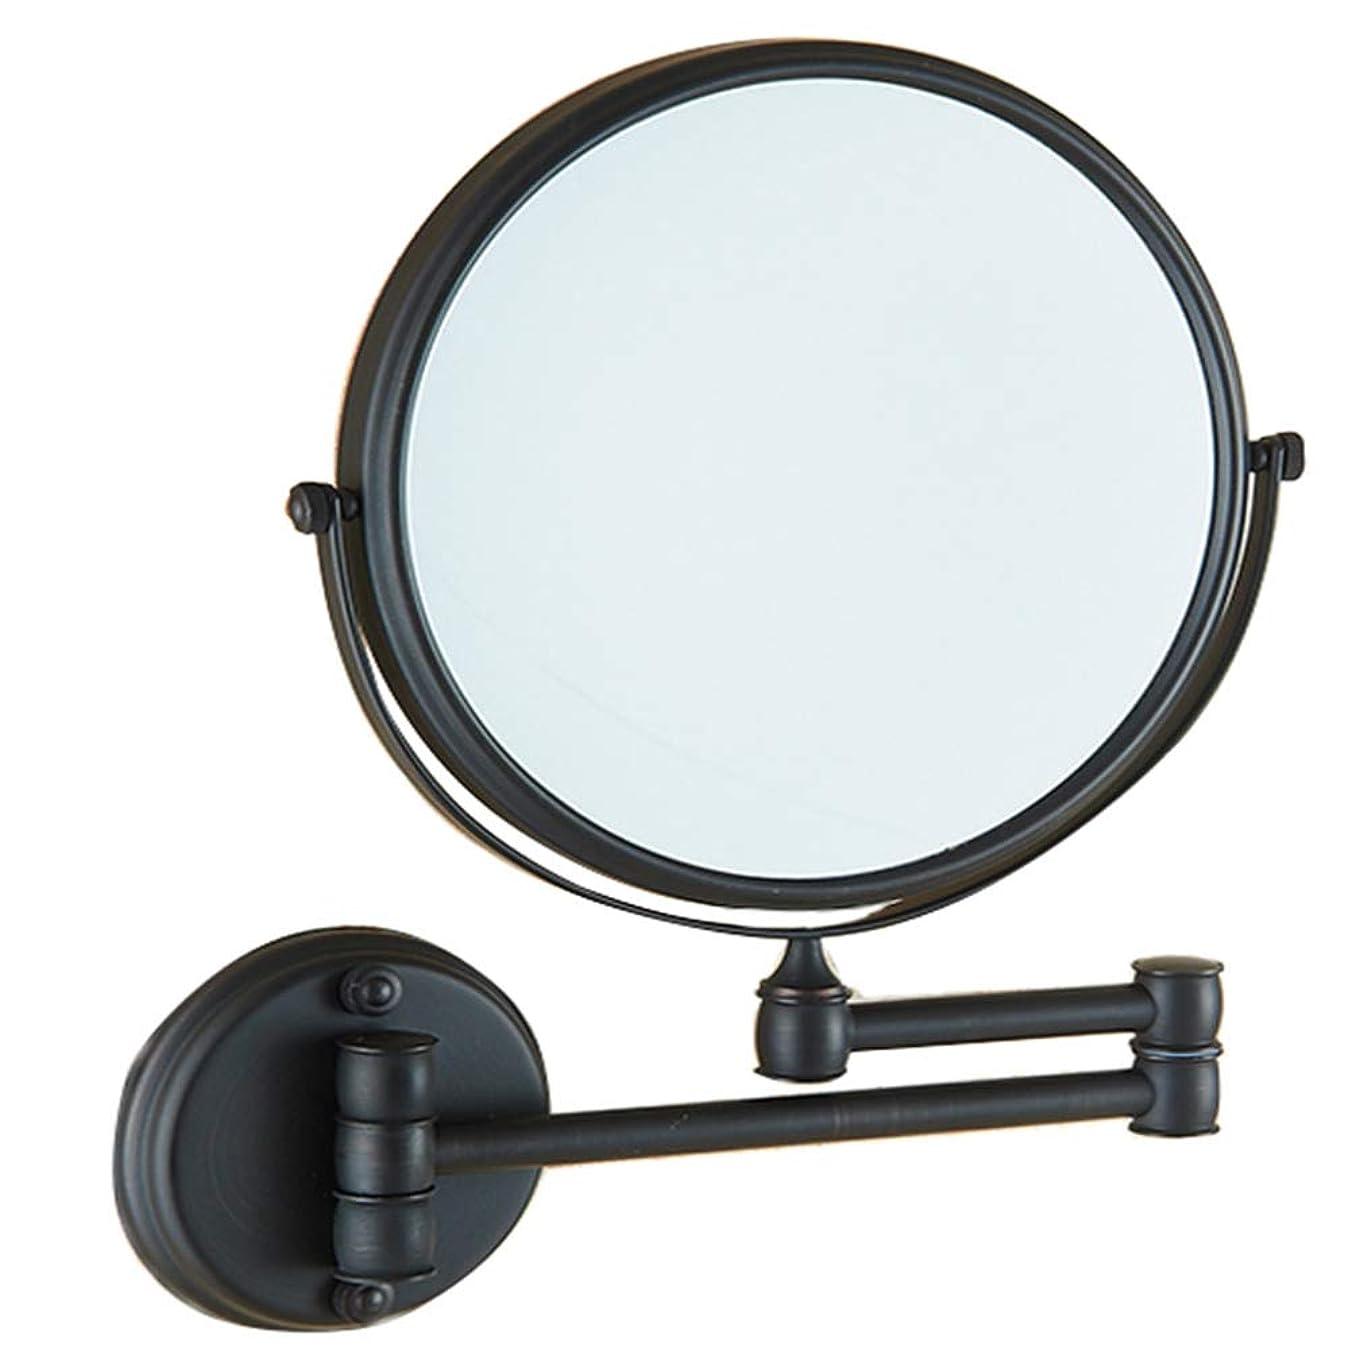 パッチパッチホラーHUYYA 化粧鏡、両面 壁掛け式 化粧ミラー 3倍拡大バスルームミラー360 °回転 伸縮可能折り けメイクミラー,